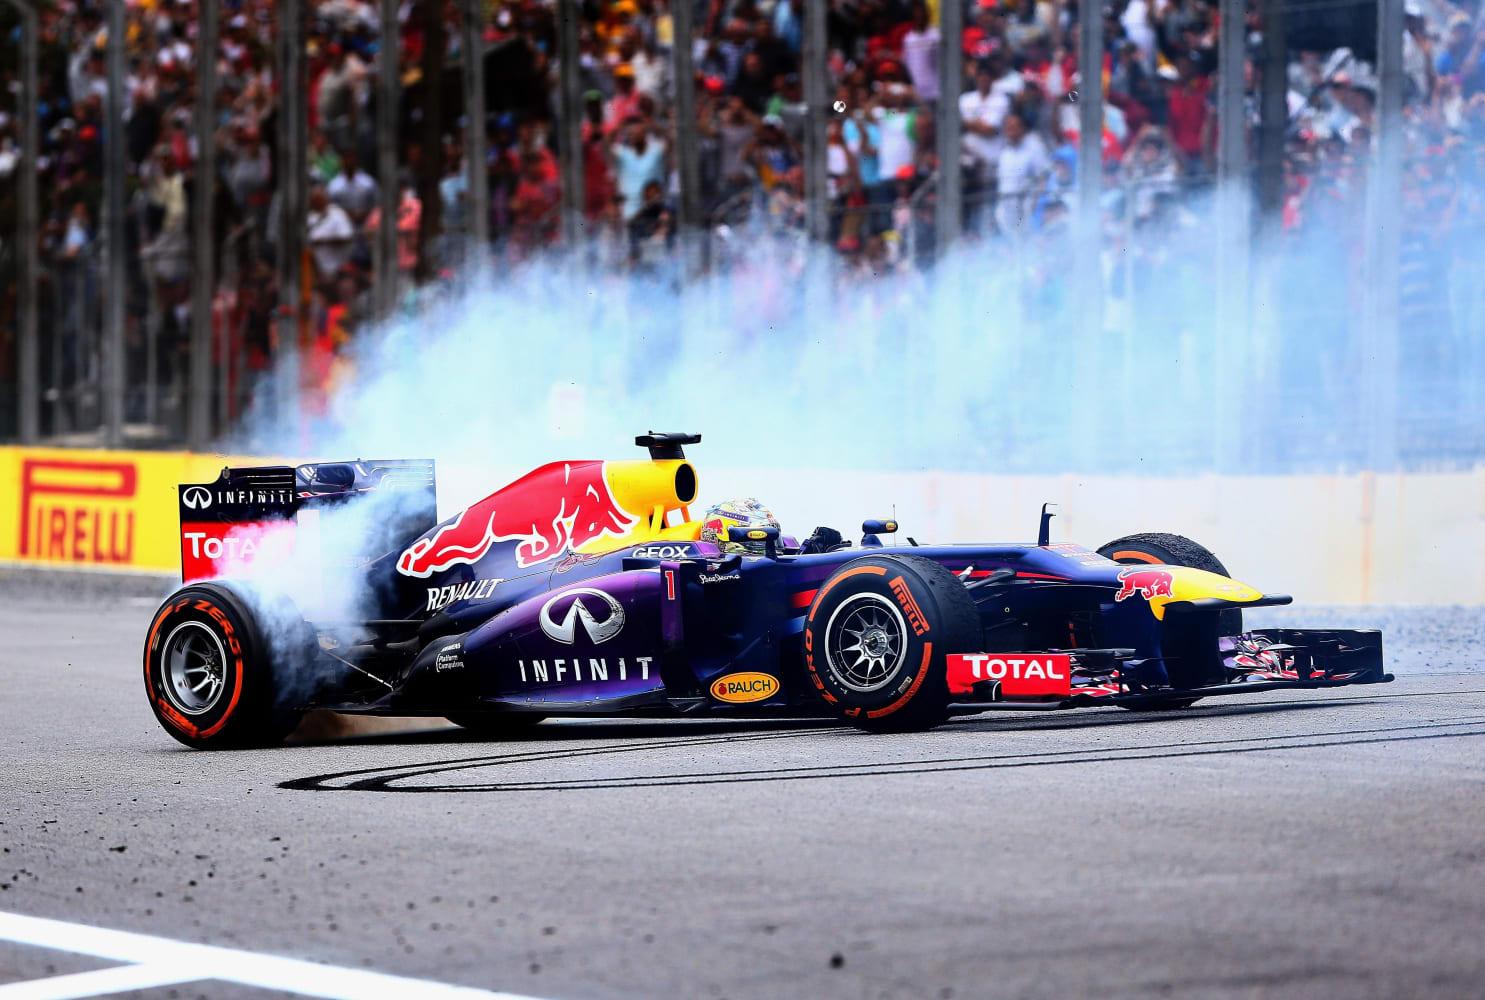 GP de Brasil 2013: las mejores fotos